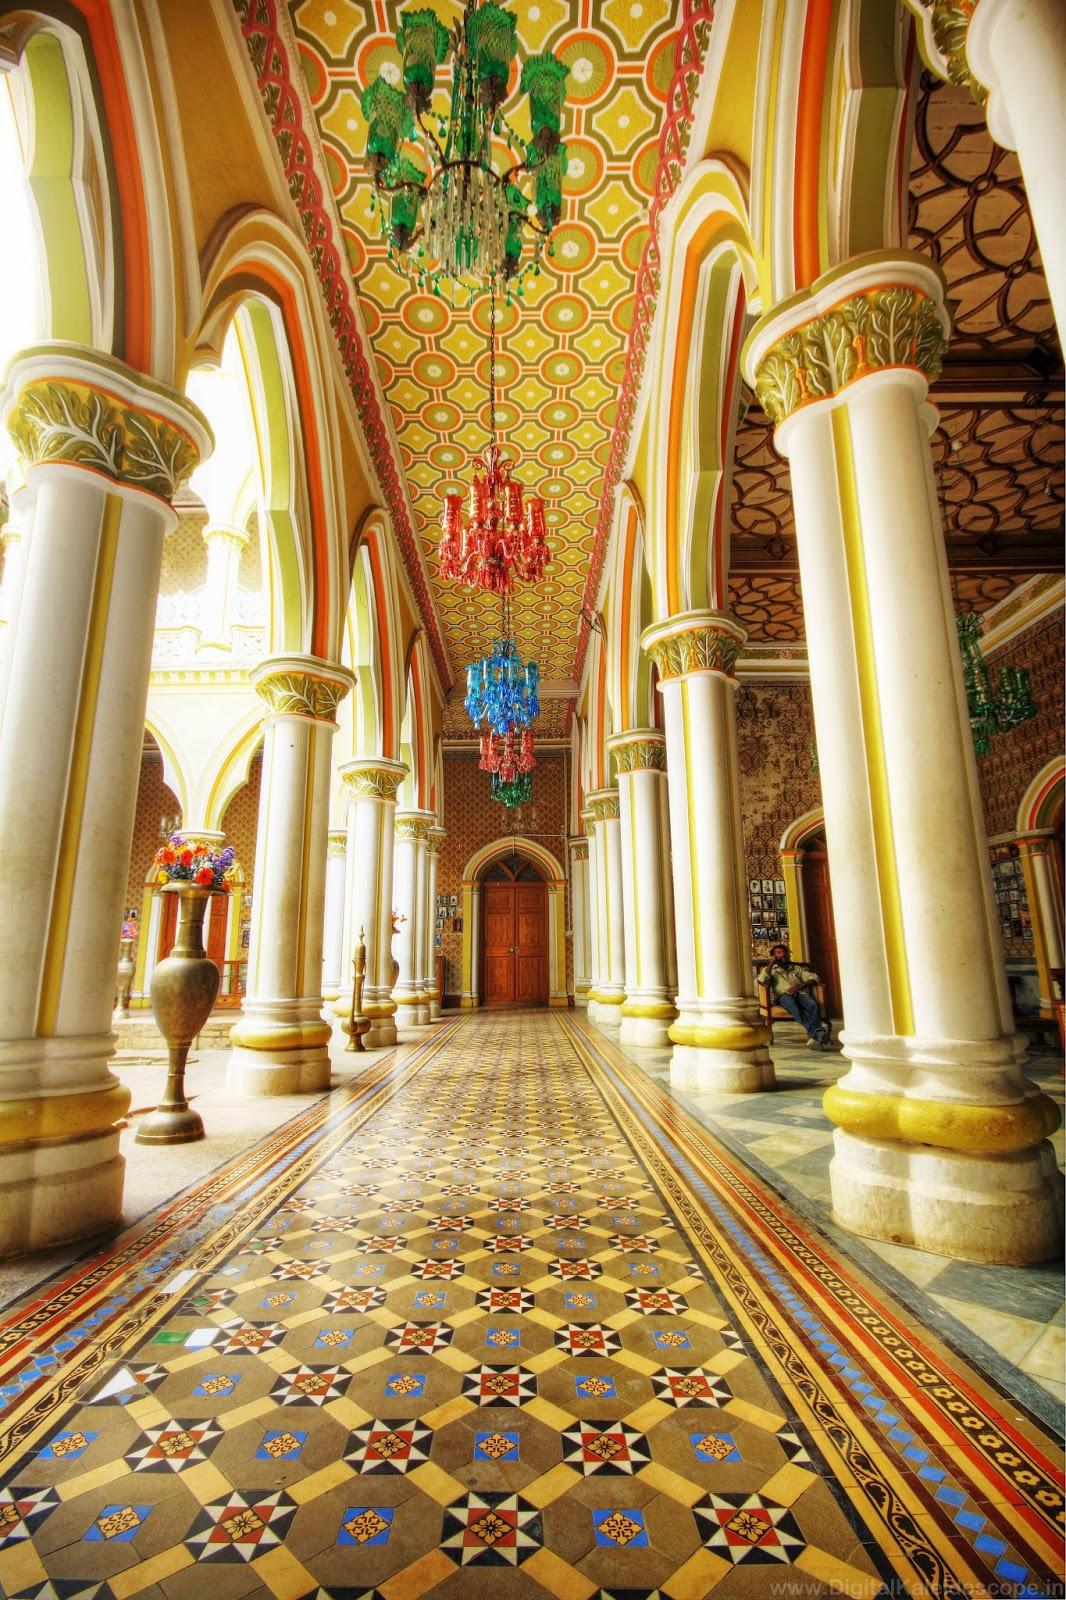 THE GRAND BANGALORE PALACE